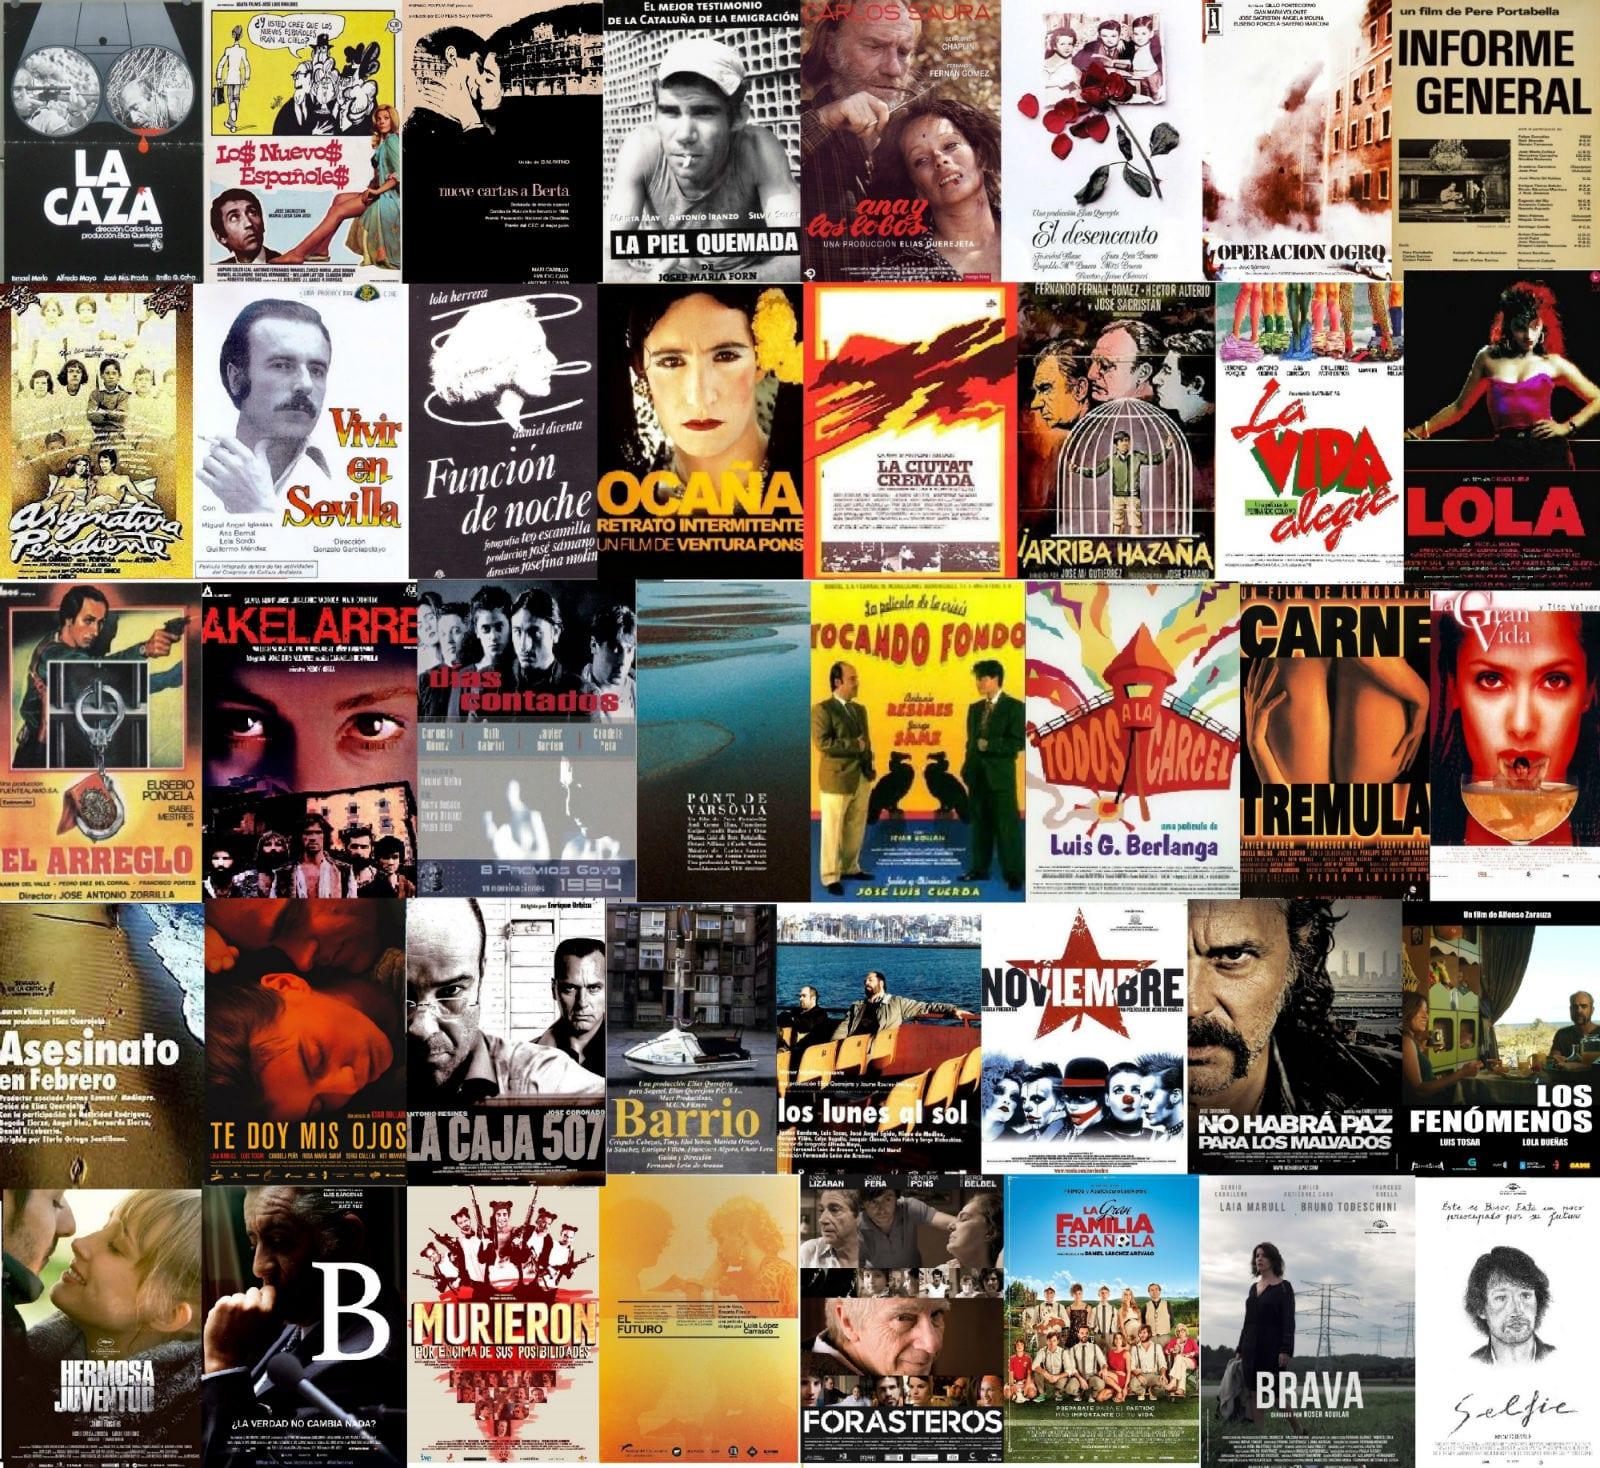 40 años de historia de España en 40 películas – ACALANDA Magazine